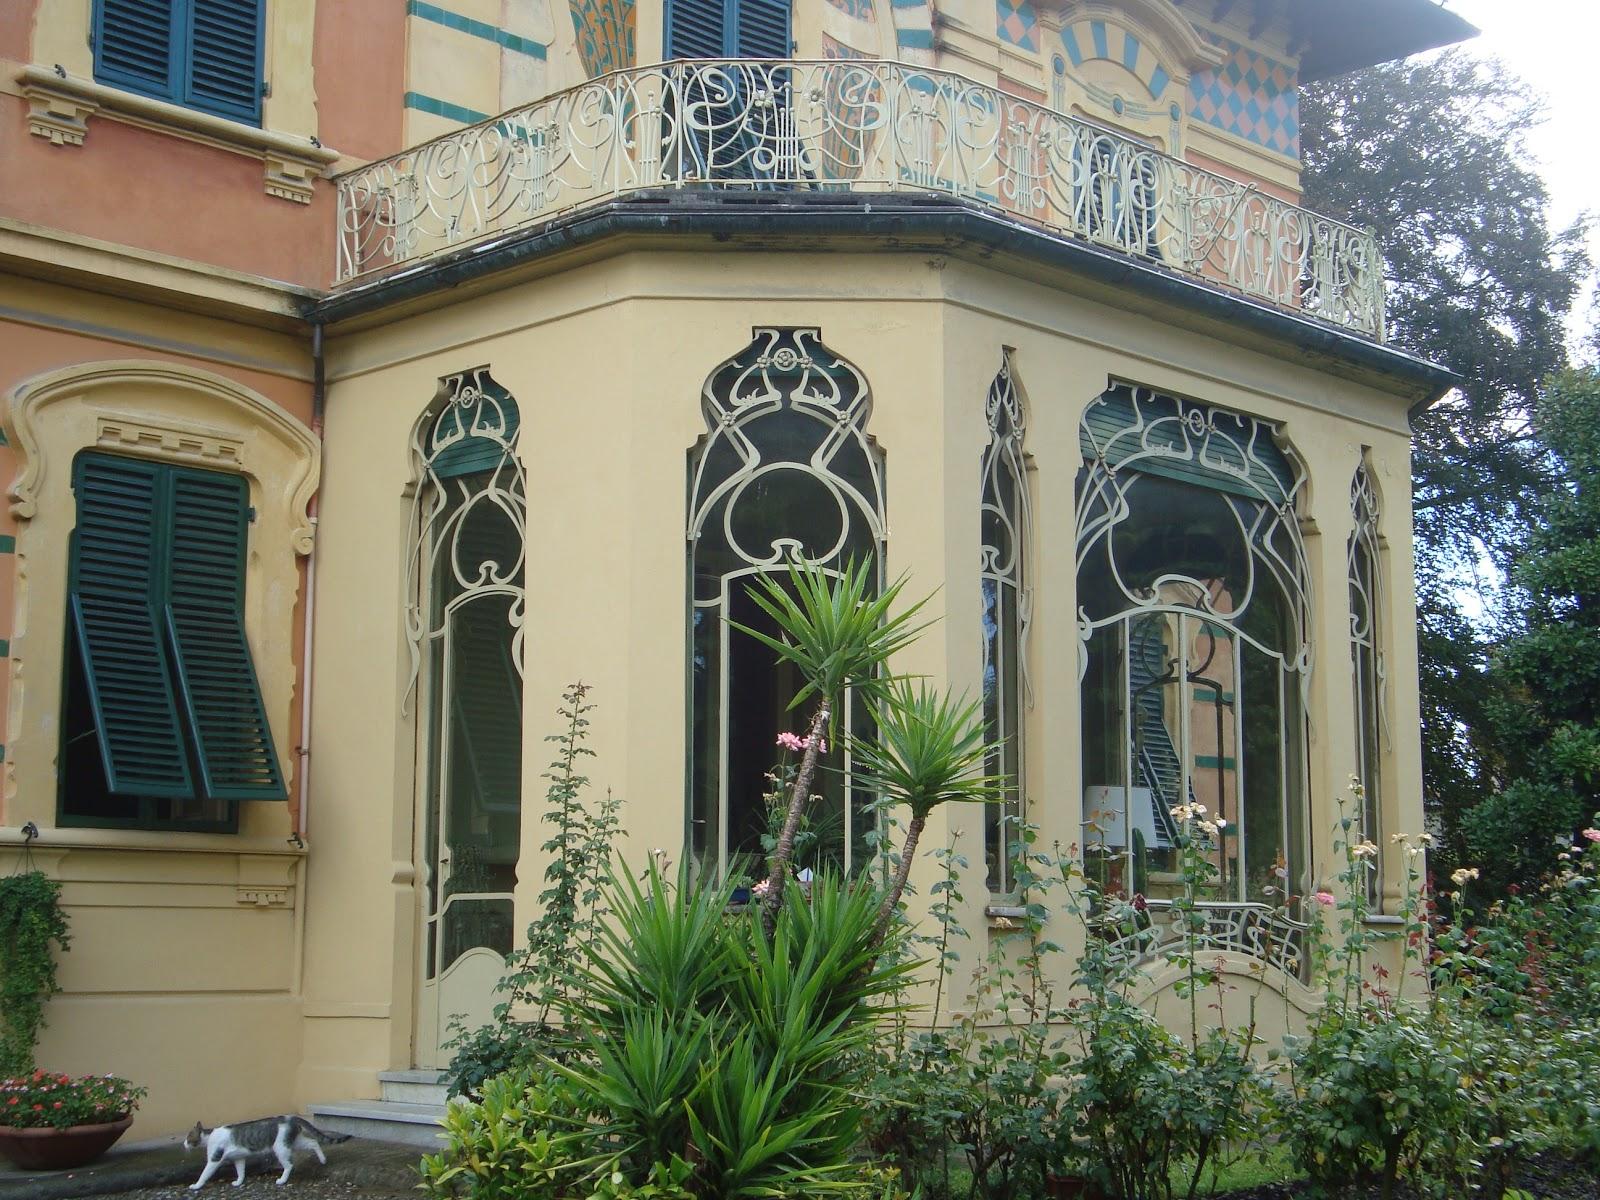 Paseos art nouveau villa ducloz n 234 via matteo for Art nouveau fenetre